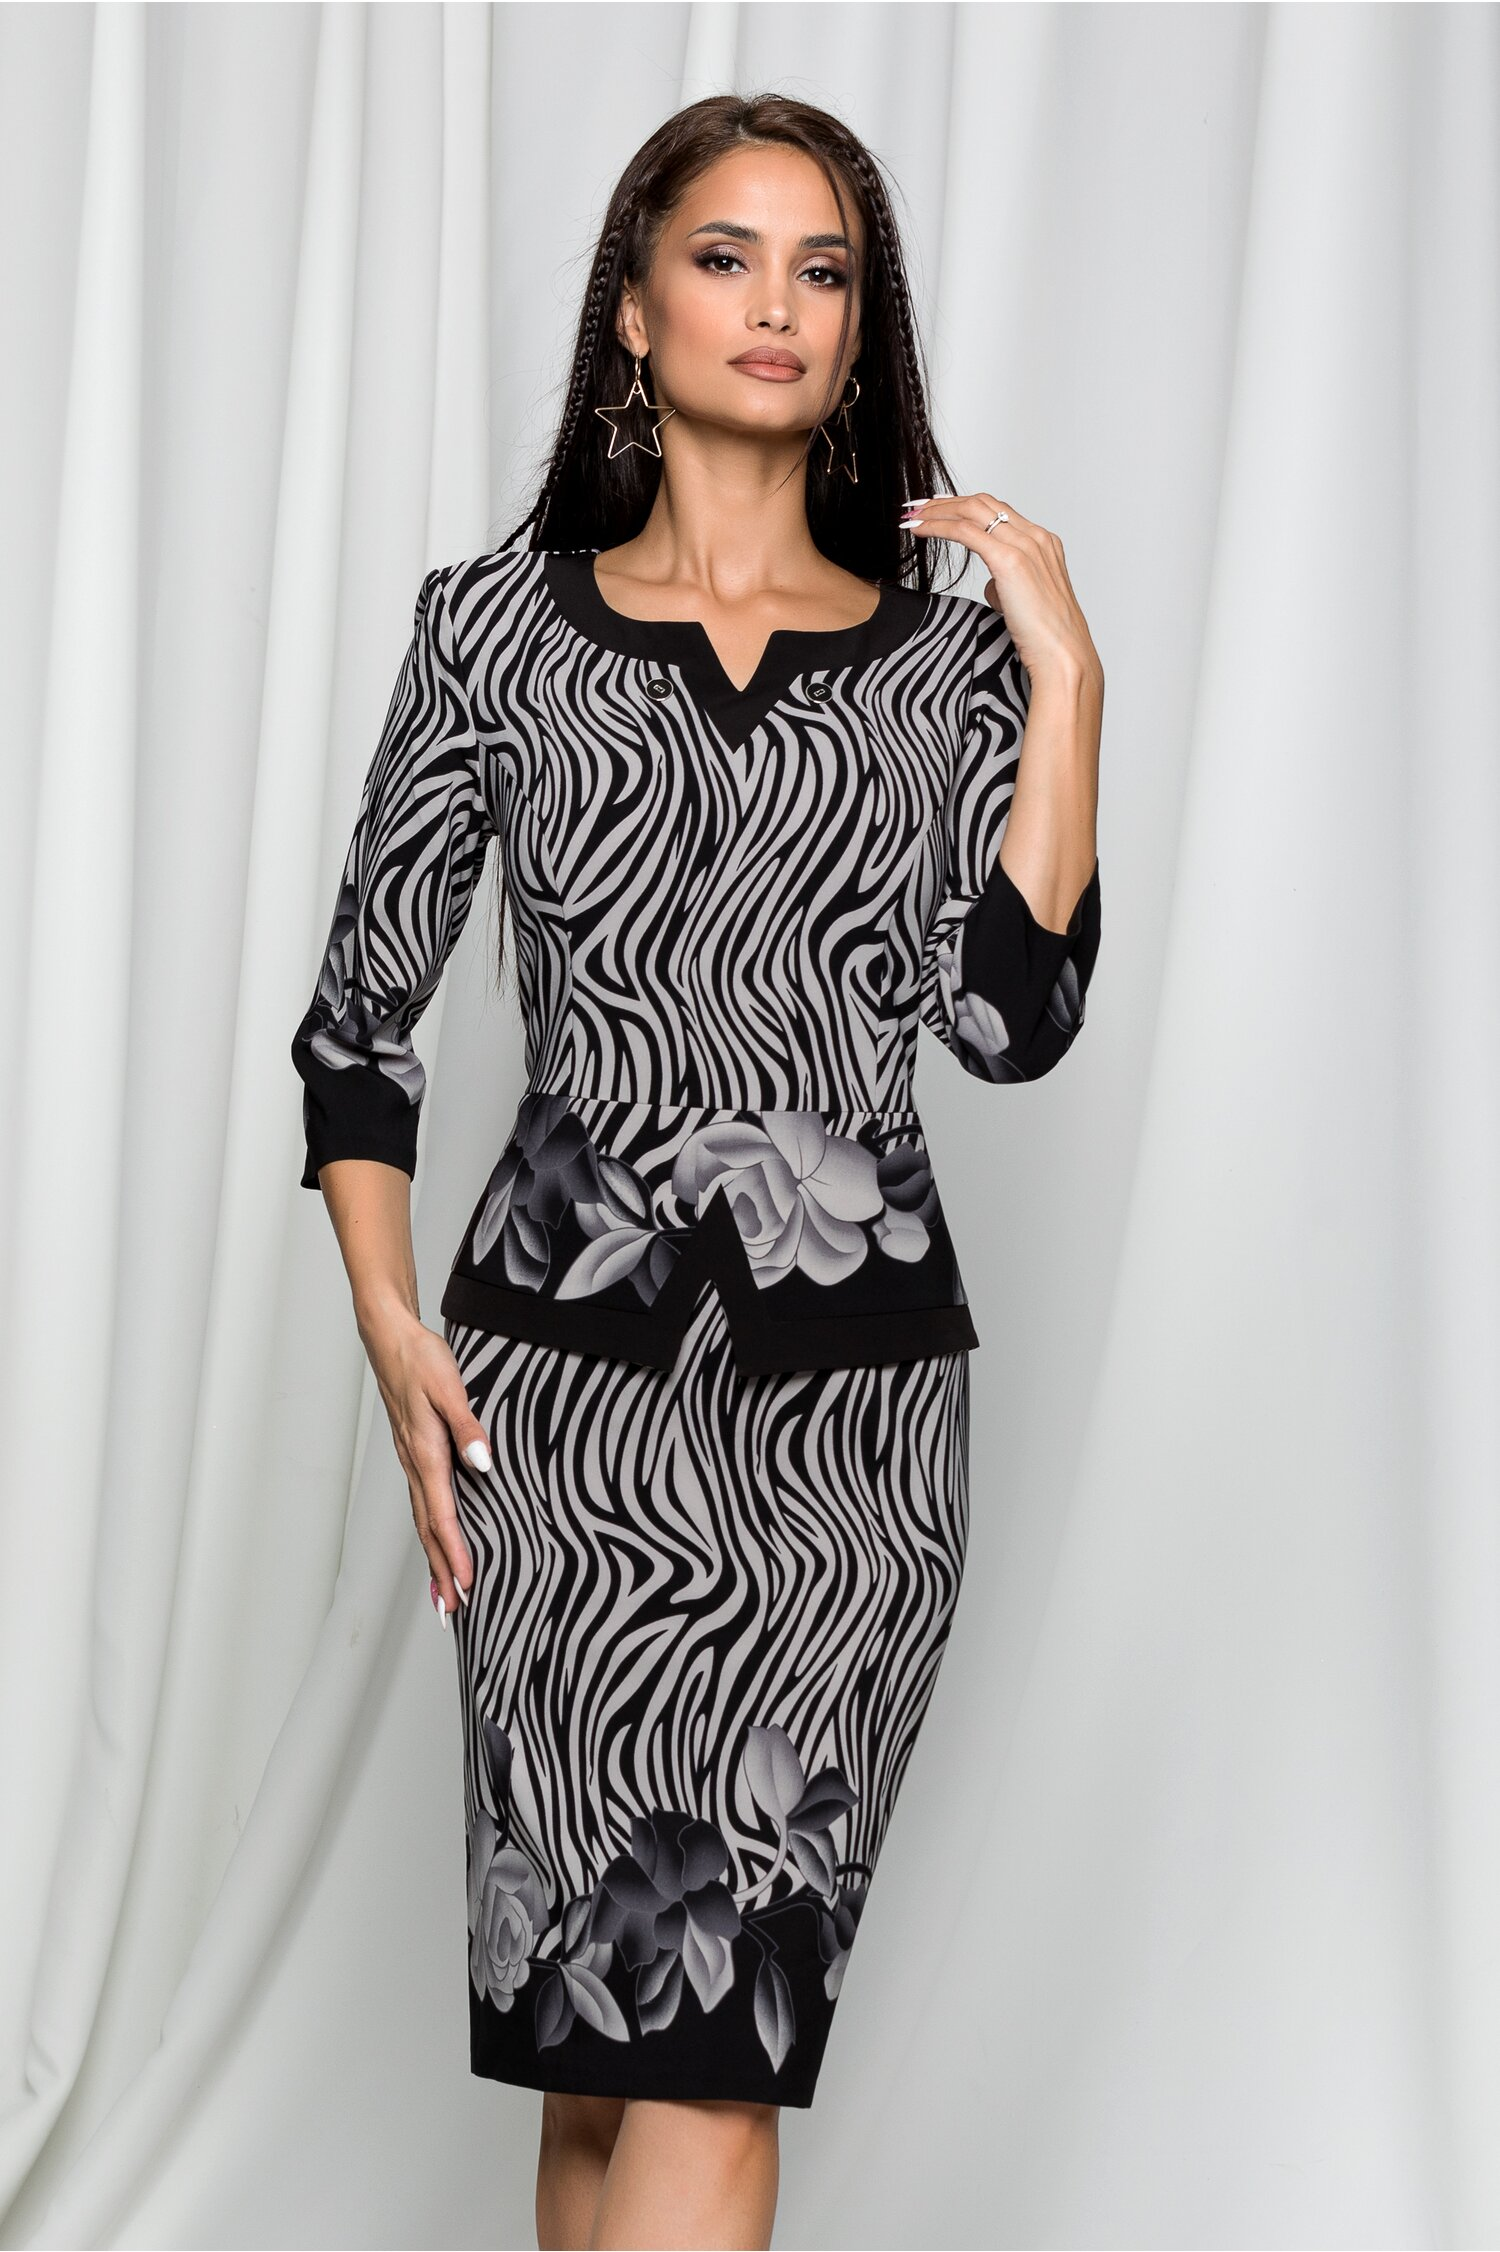 Rochie Rania neagra cu imprimeu divers gri